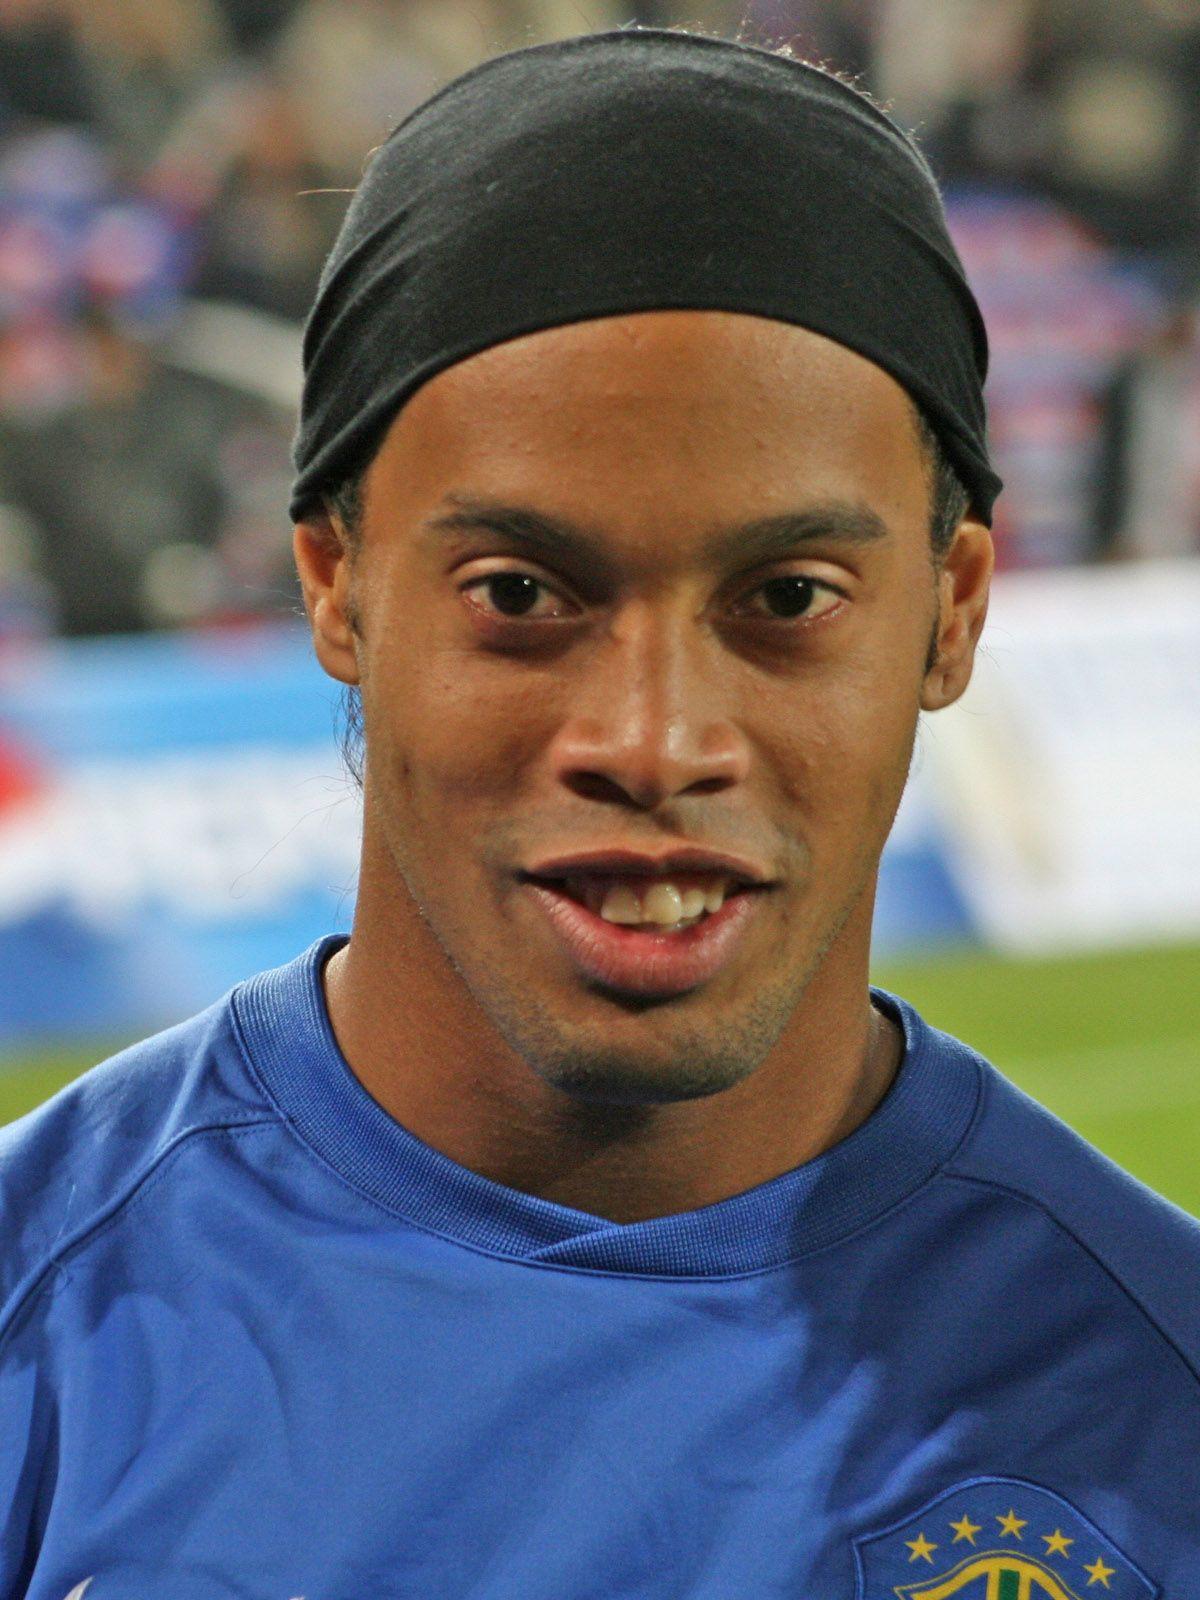 Craques do futebol  Ronaldinho Gaúcho  e4c71b232cdf1